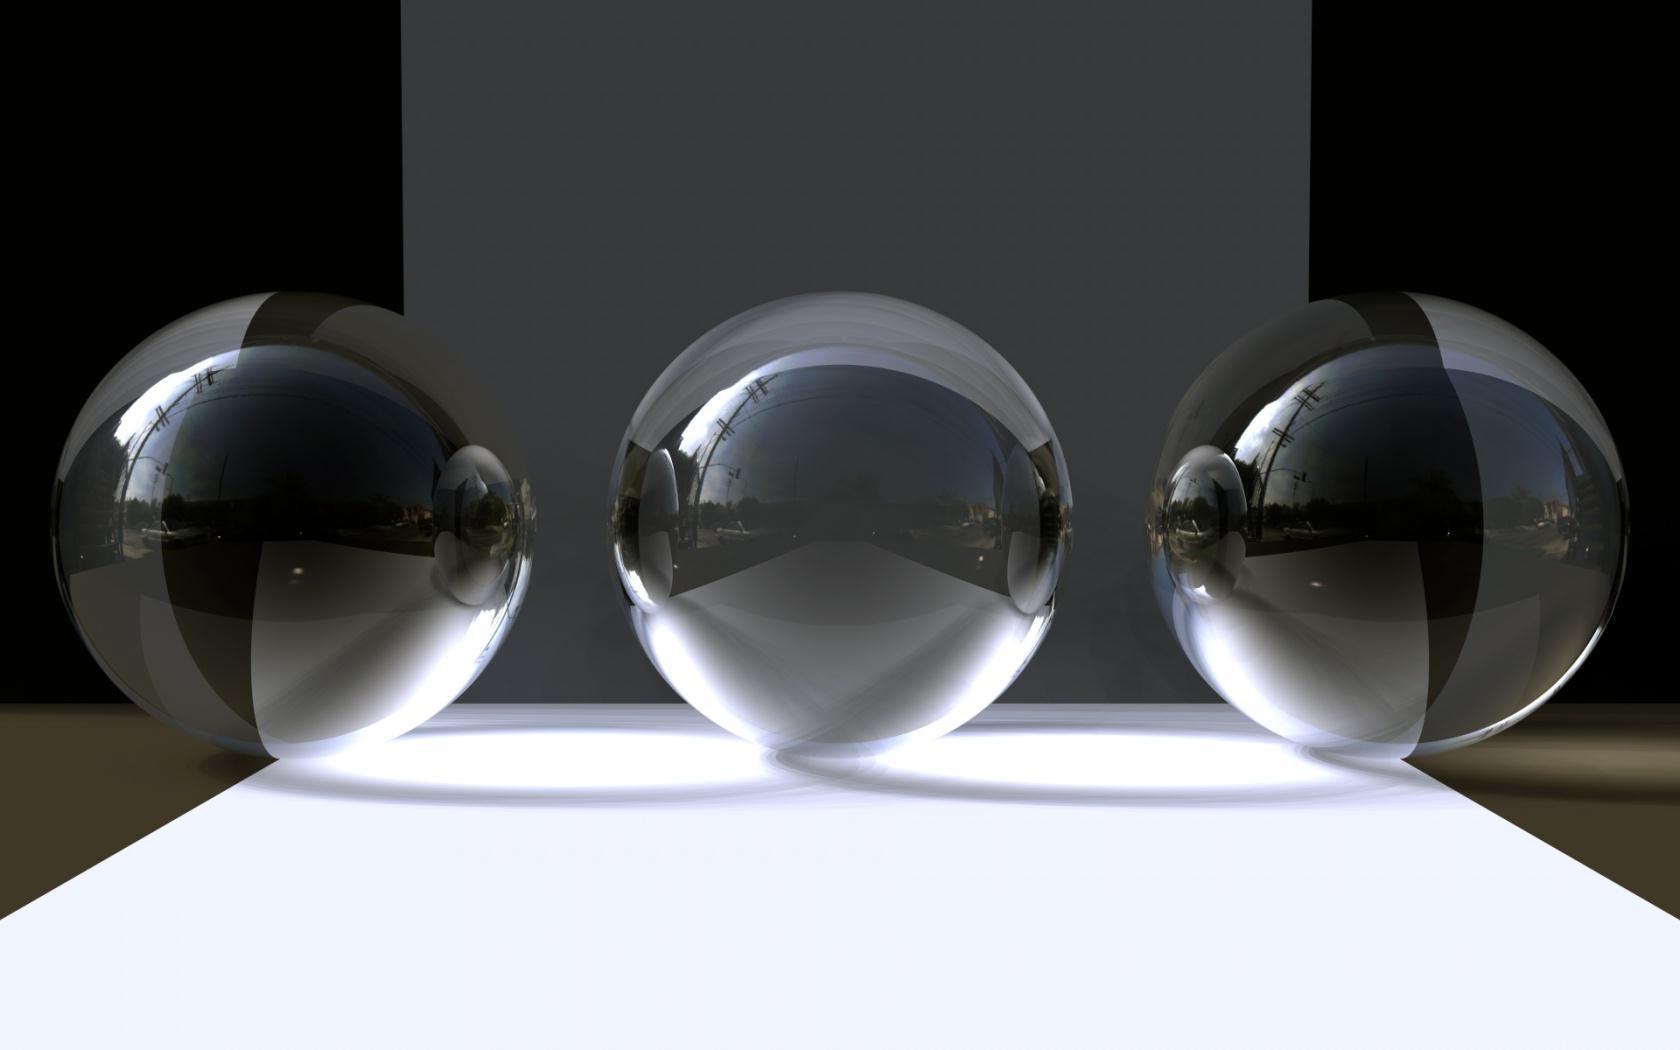 Хромированые шары  № 3336007 бесплатно